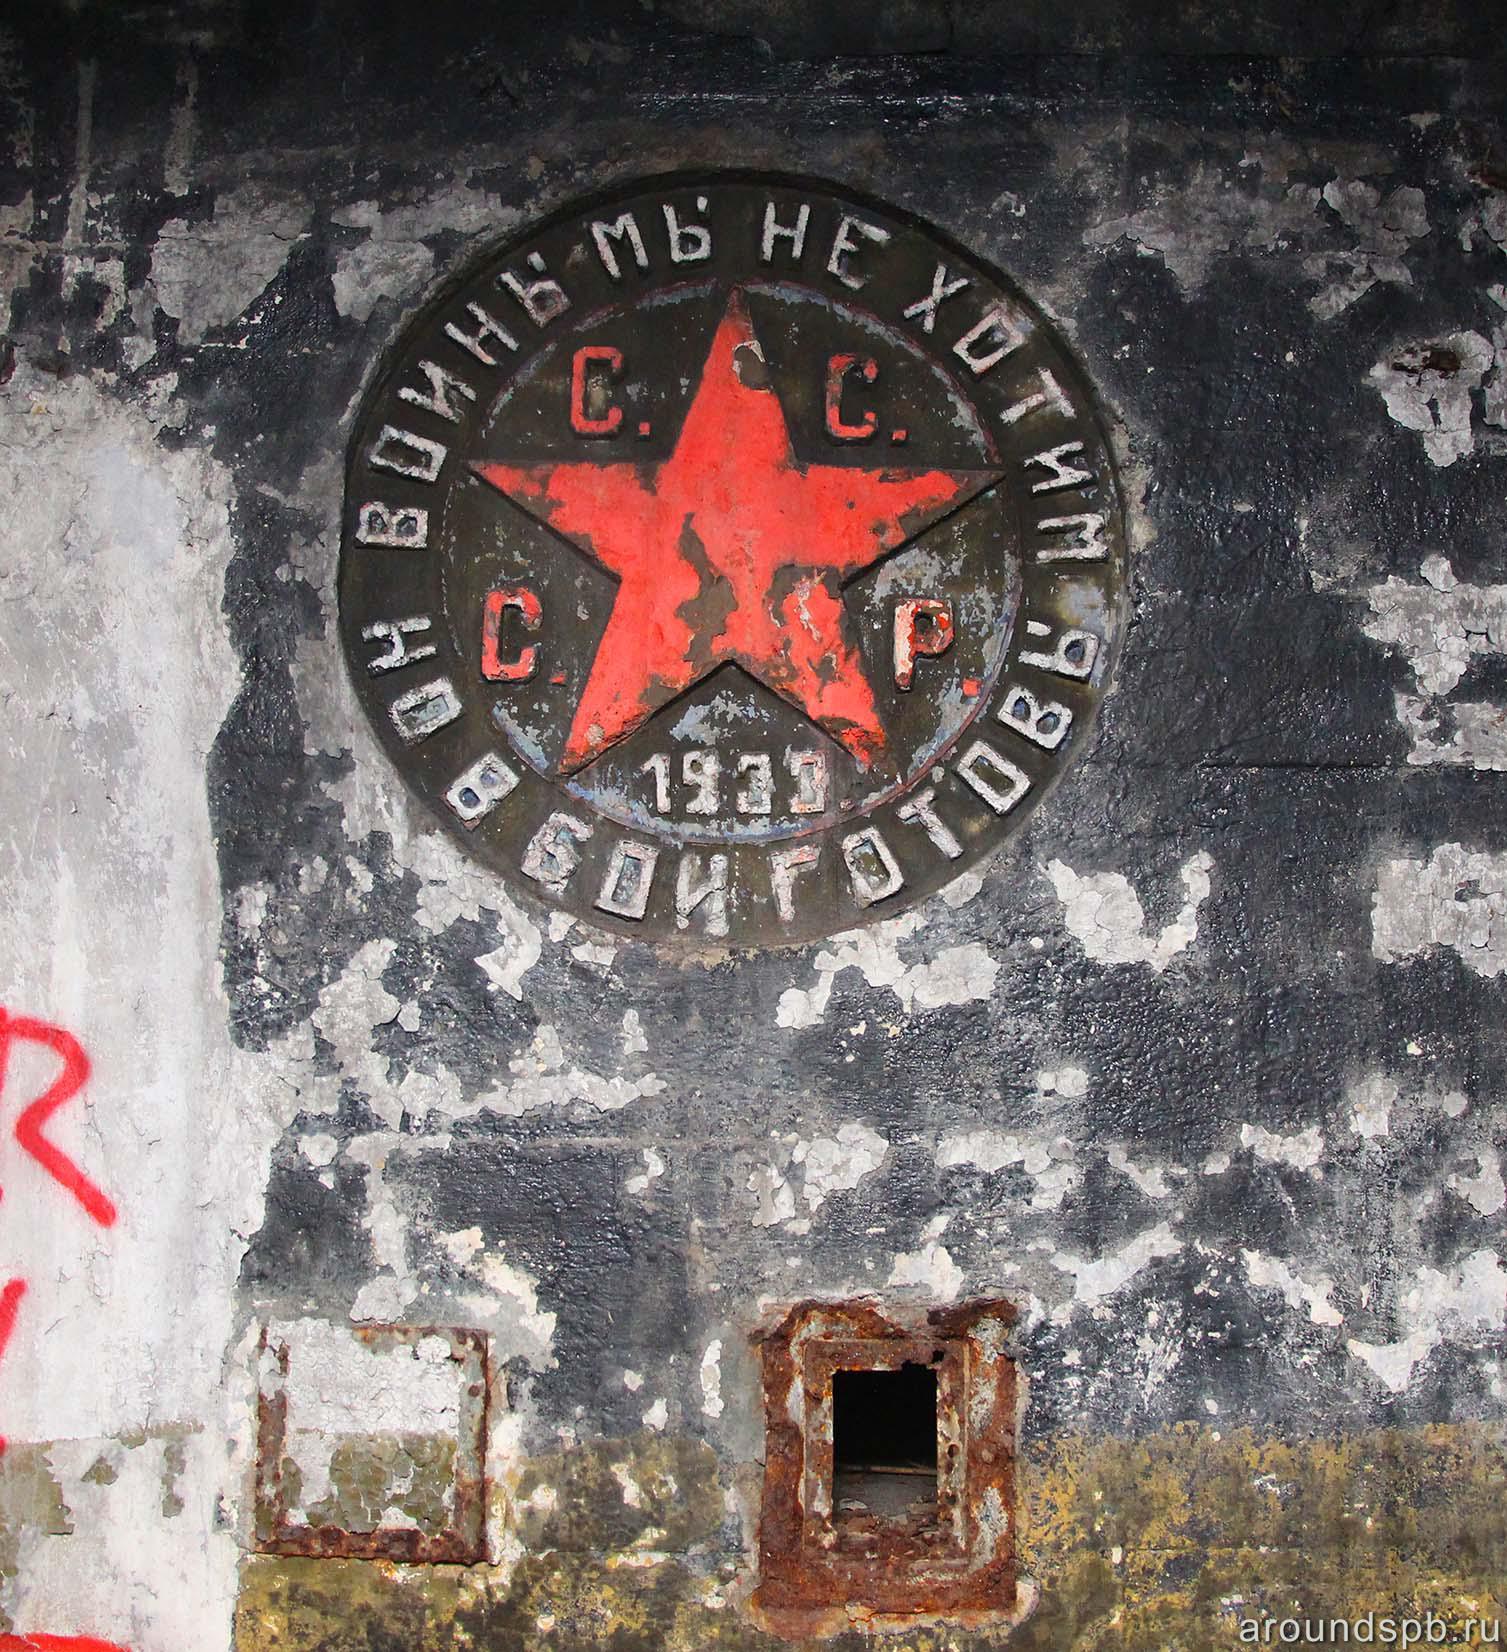 Барельф с девизом «Войны не хотим, но в бой готовы» у главного входа Лемболовской подстанции